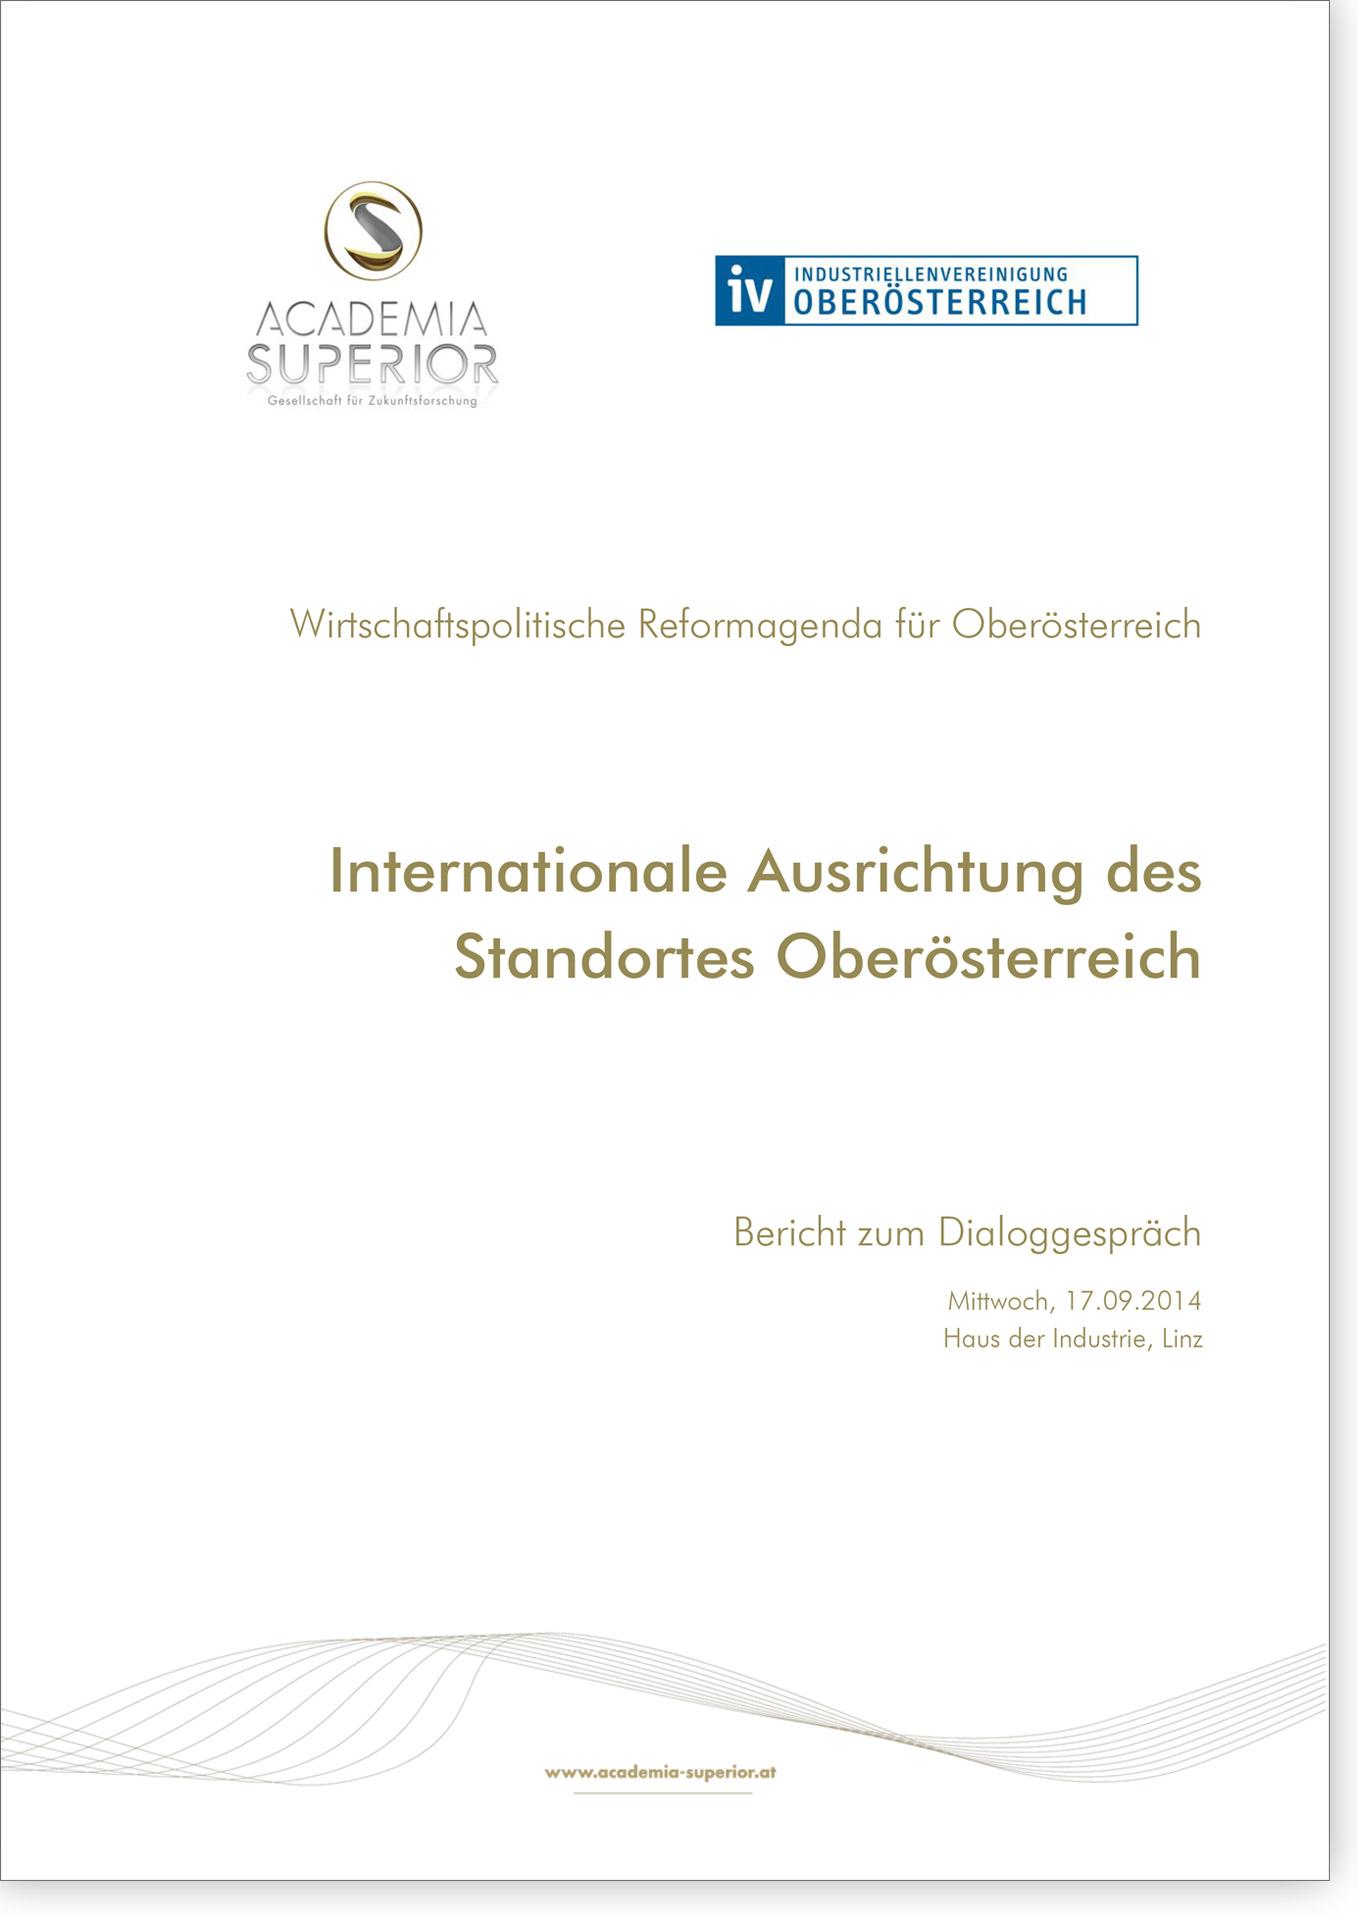 Cover Bericht Dialoggespräch Internationale Ausrichtung des Standortes Oberösterreich